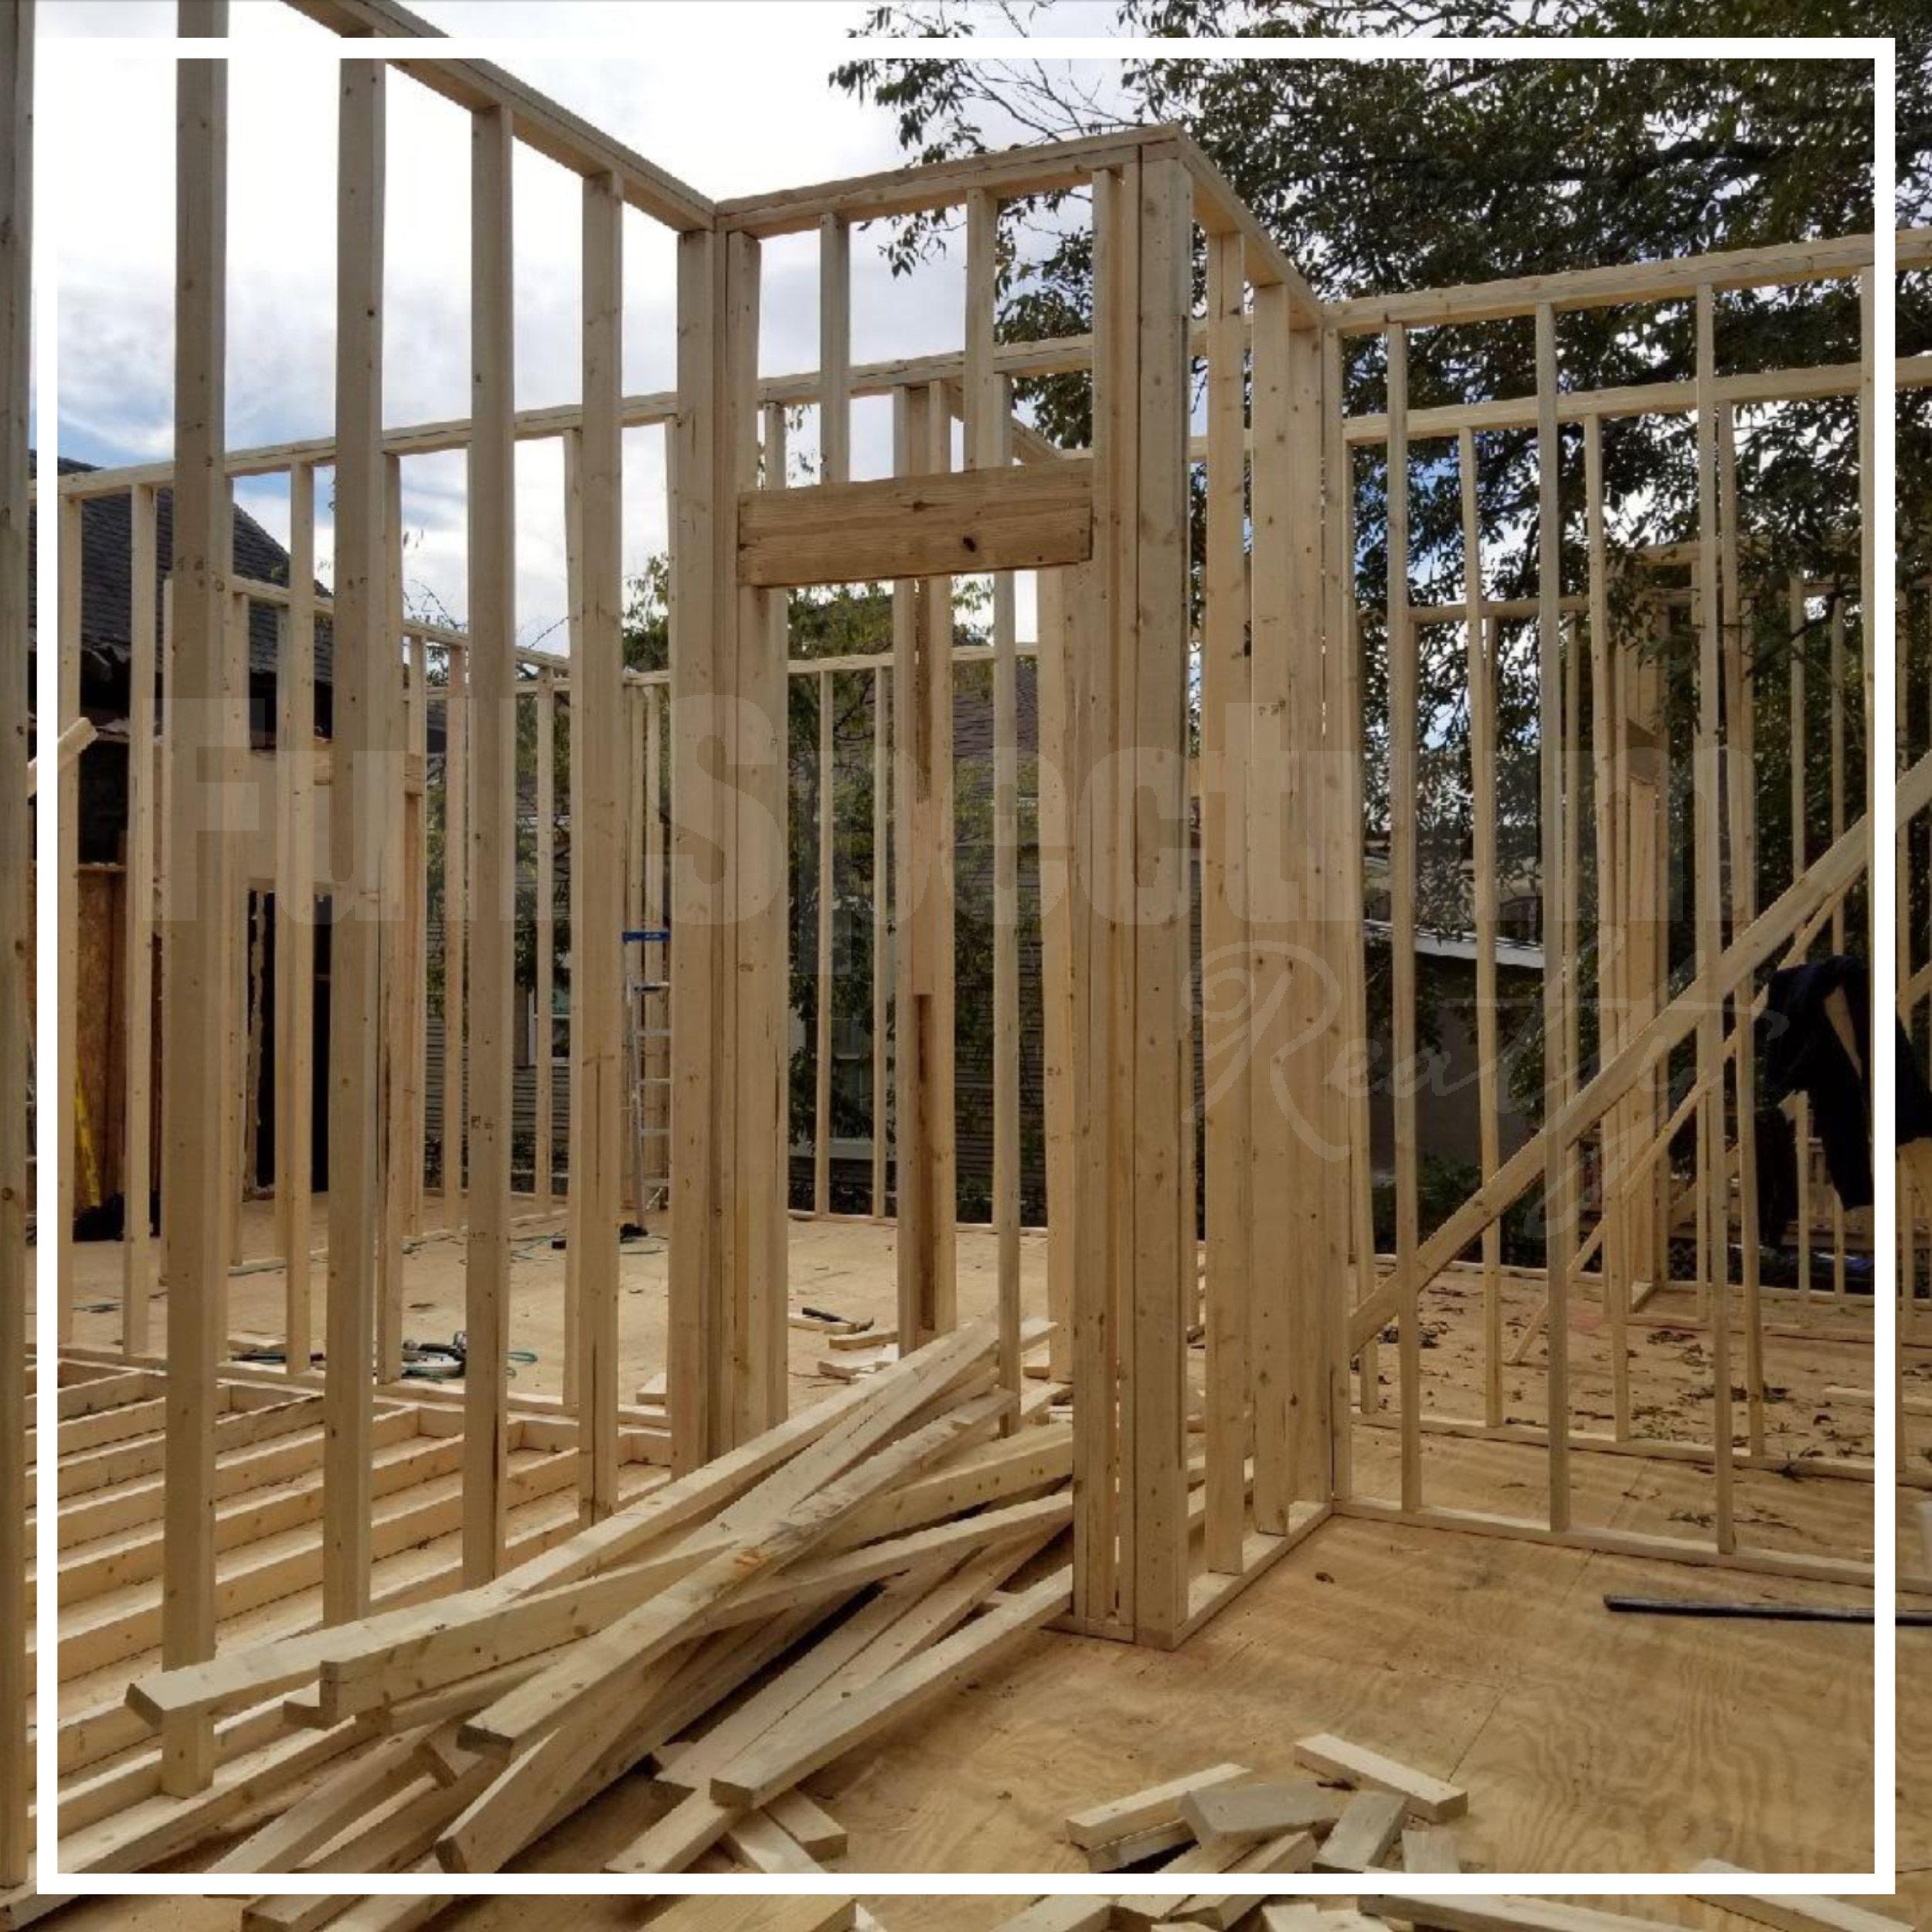 construction San Antonio